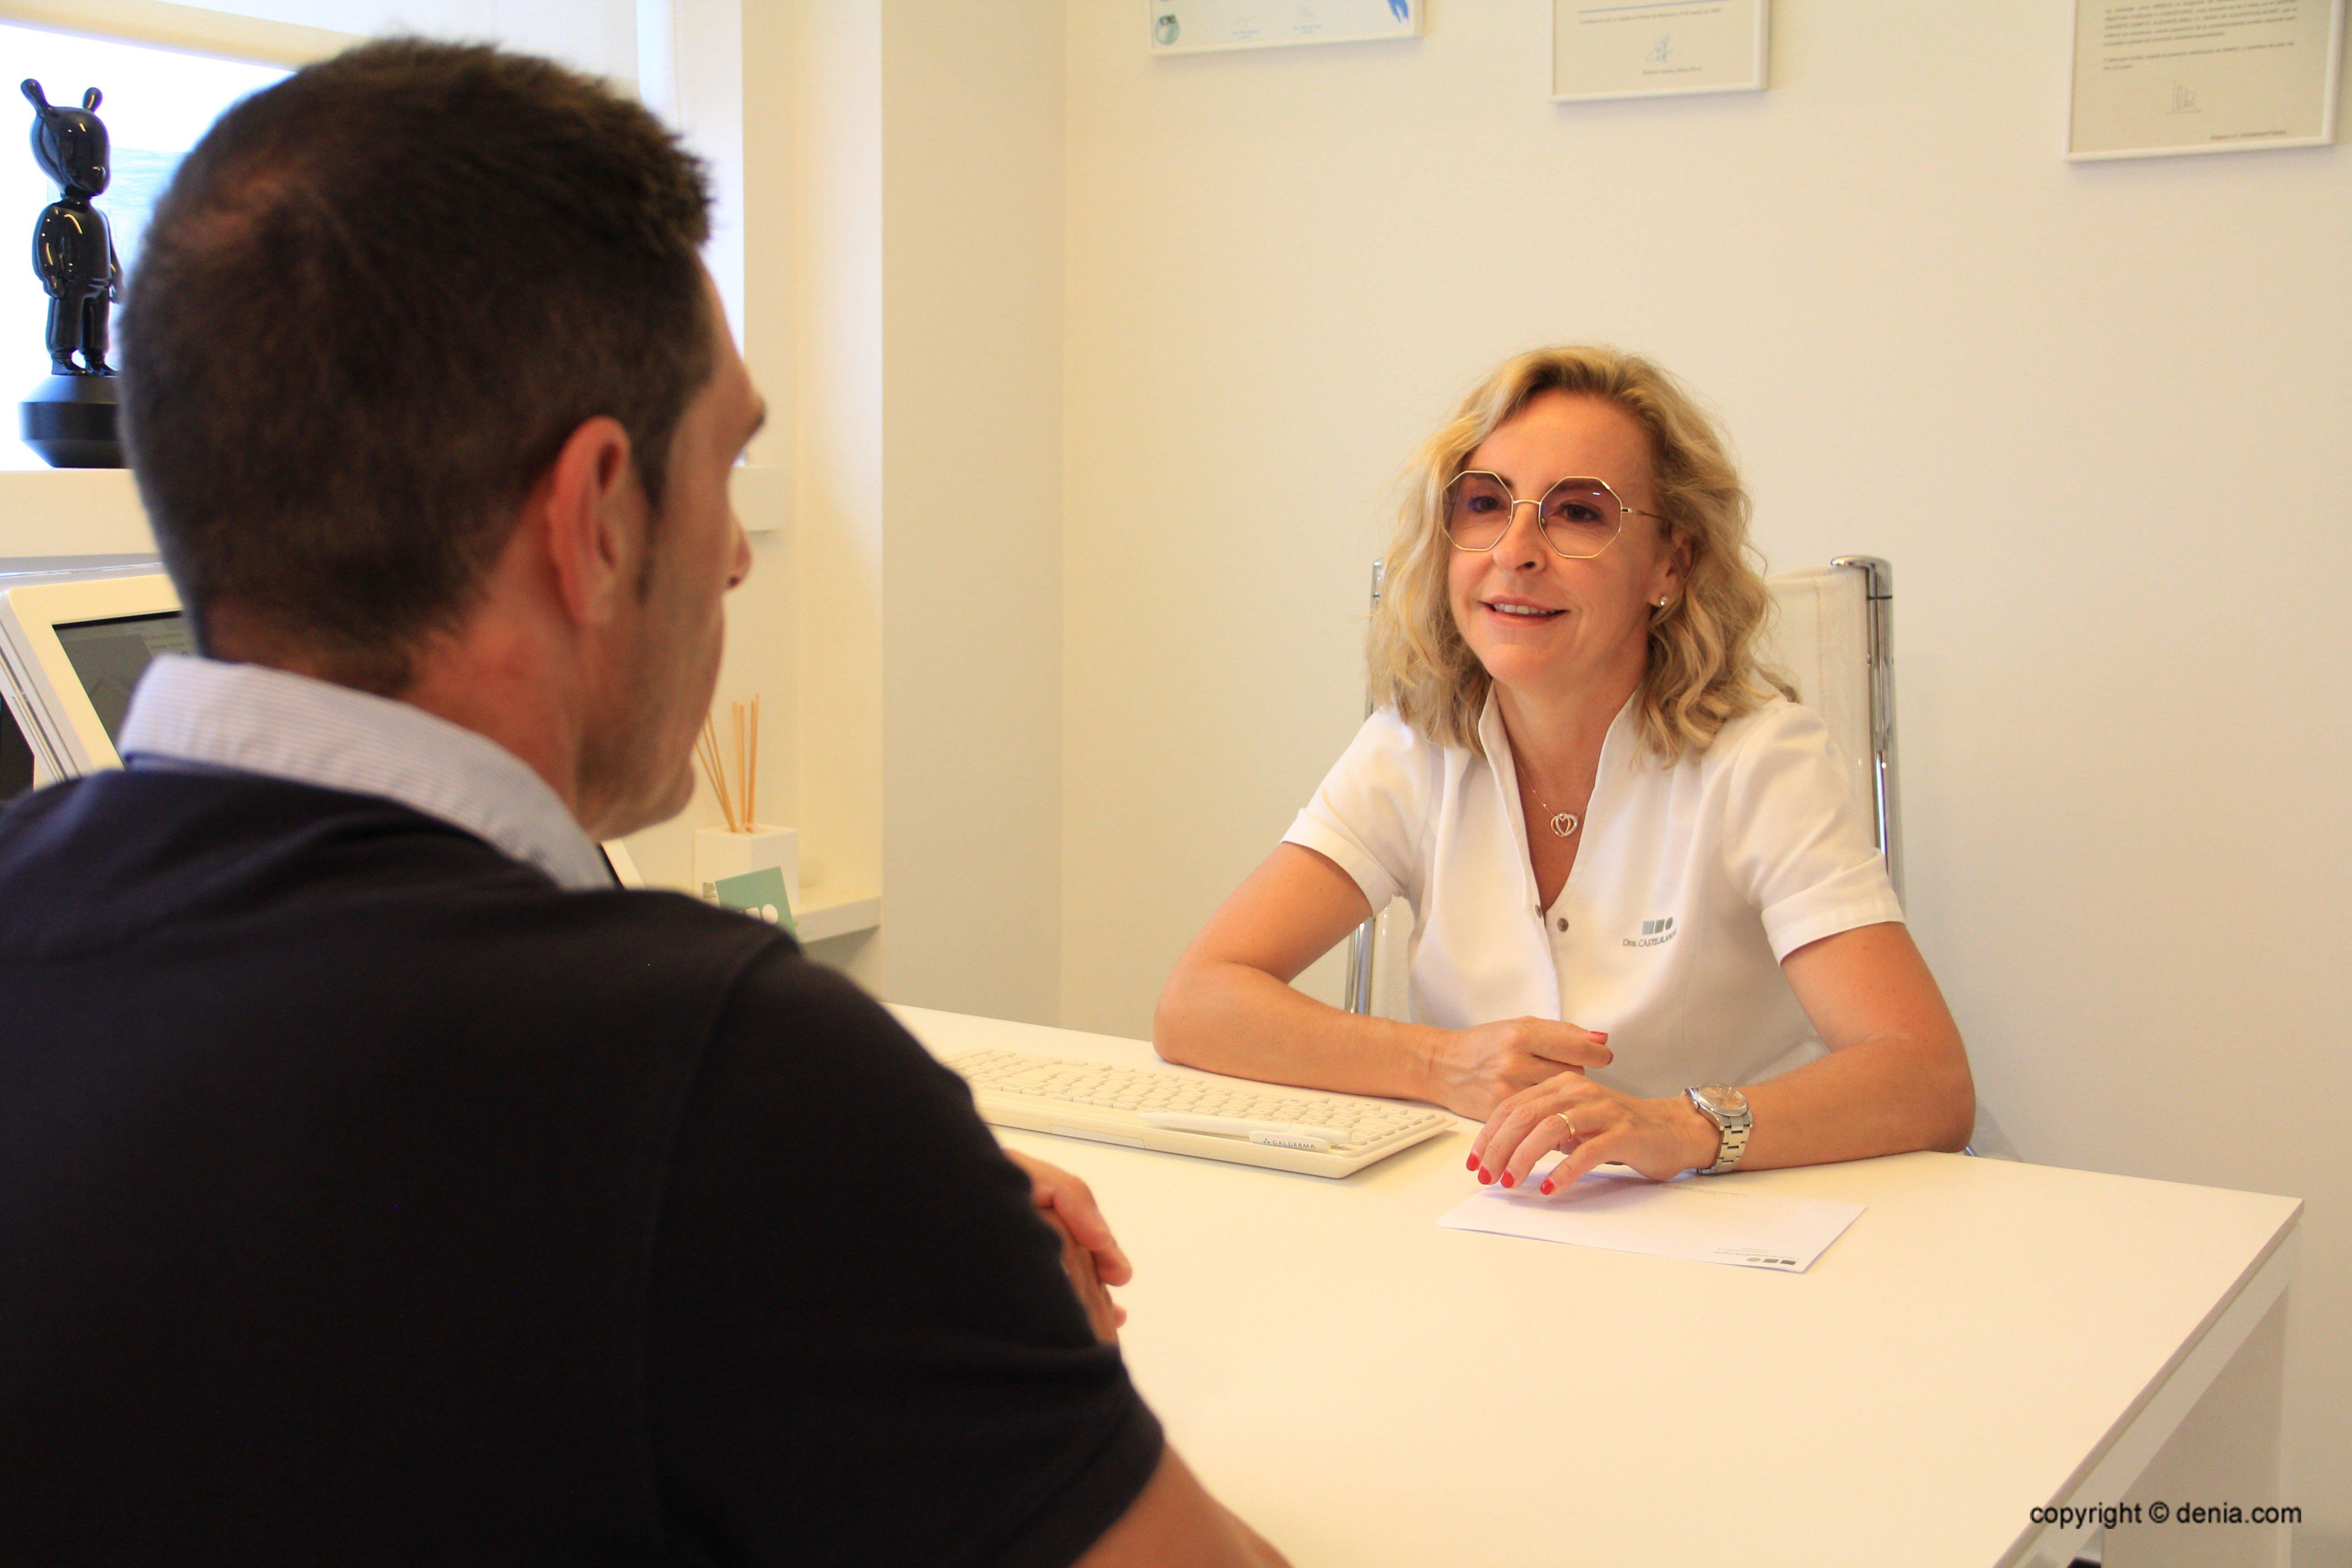 Эстетические процедуры - Эстетическая клиника Castelblanque